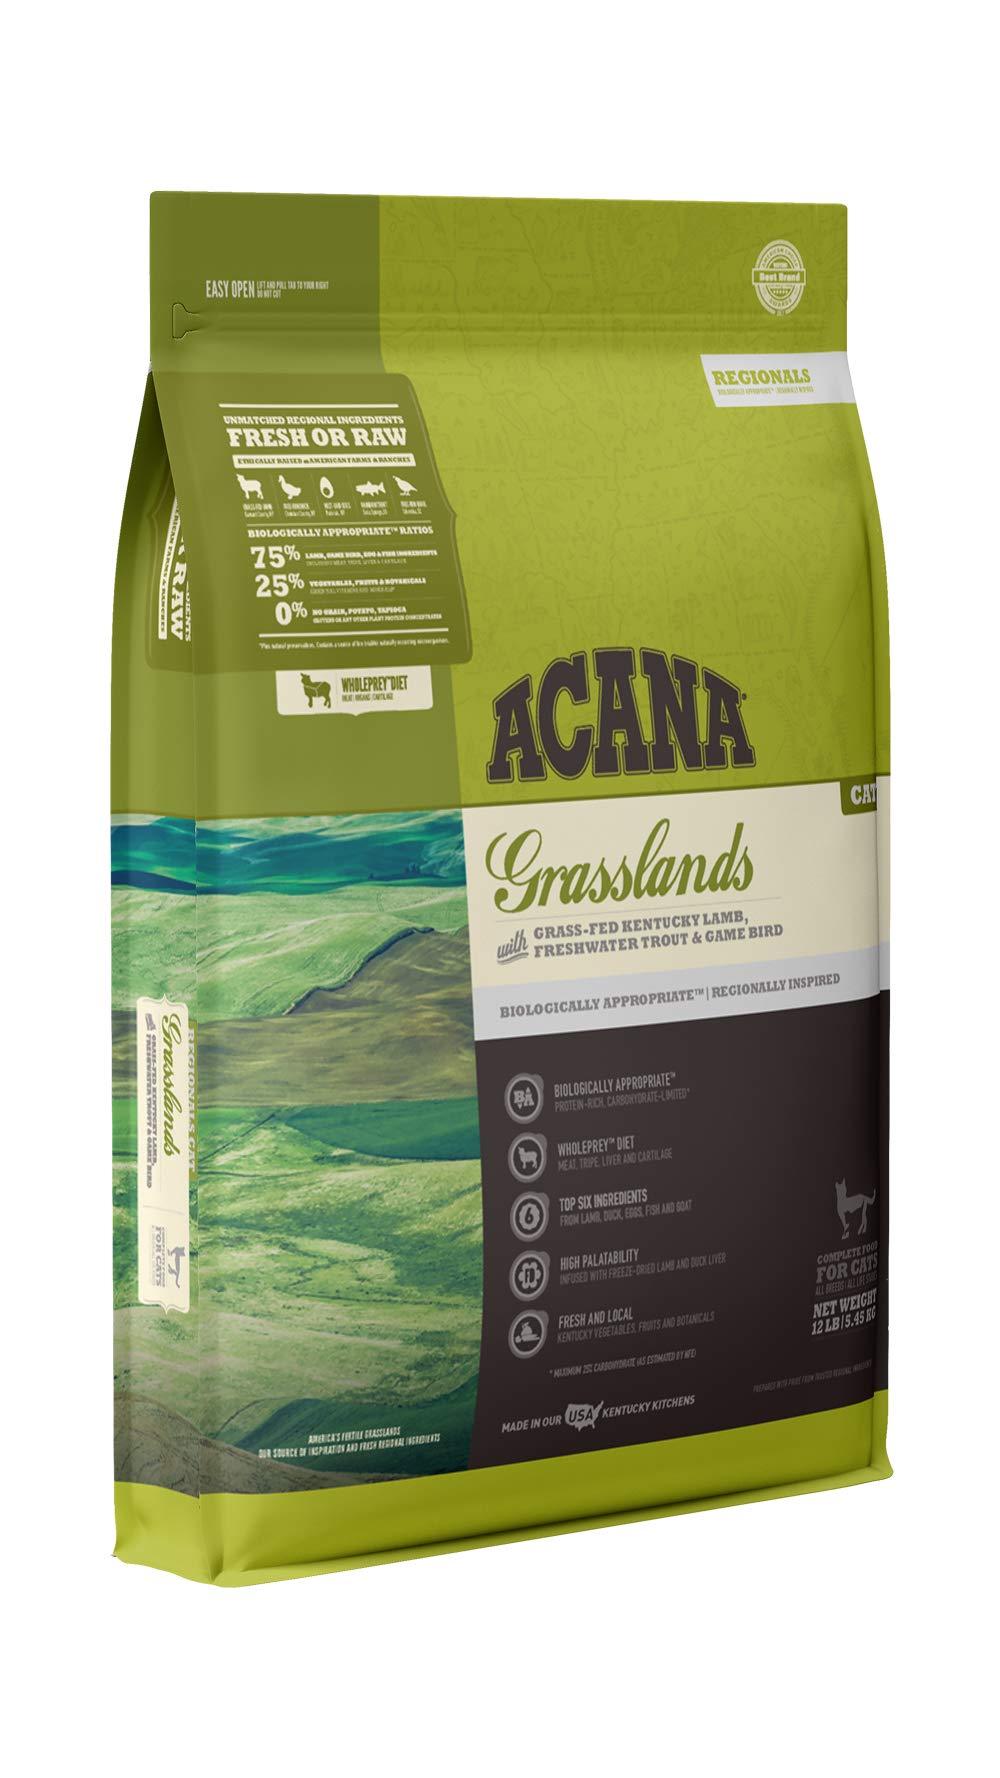 Acana Regionals Grasslands Dry Cat Food, 12 lb by ACANA